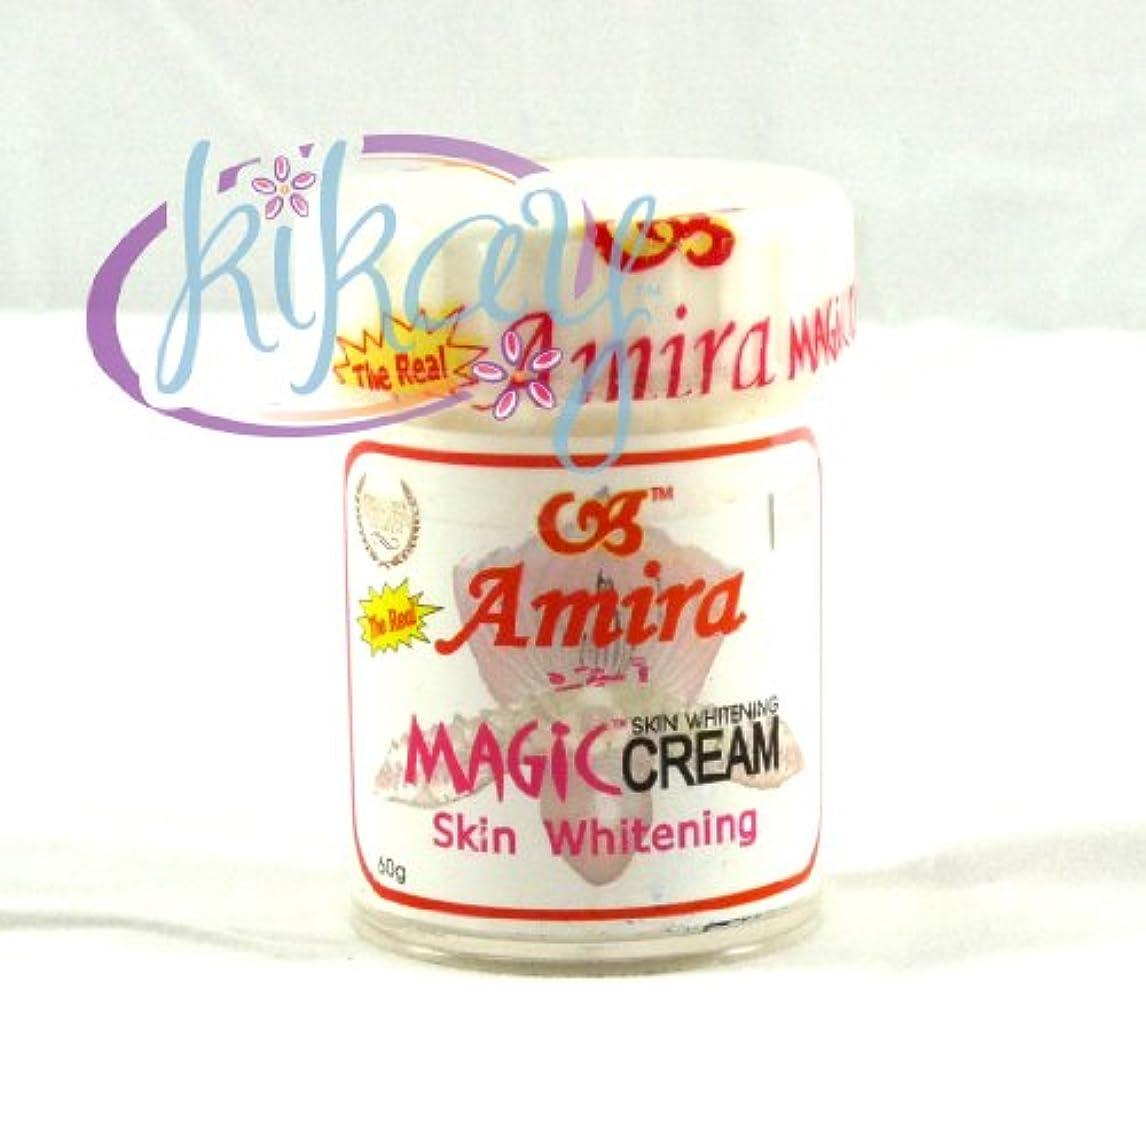 さびた魔法契約AMIRA THE REAL MAGIC CREAM【SKIN WHITENING CREAM 60g】PHILIPPINES〈スキン ホワイトニング クリーム〉フィリピン